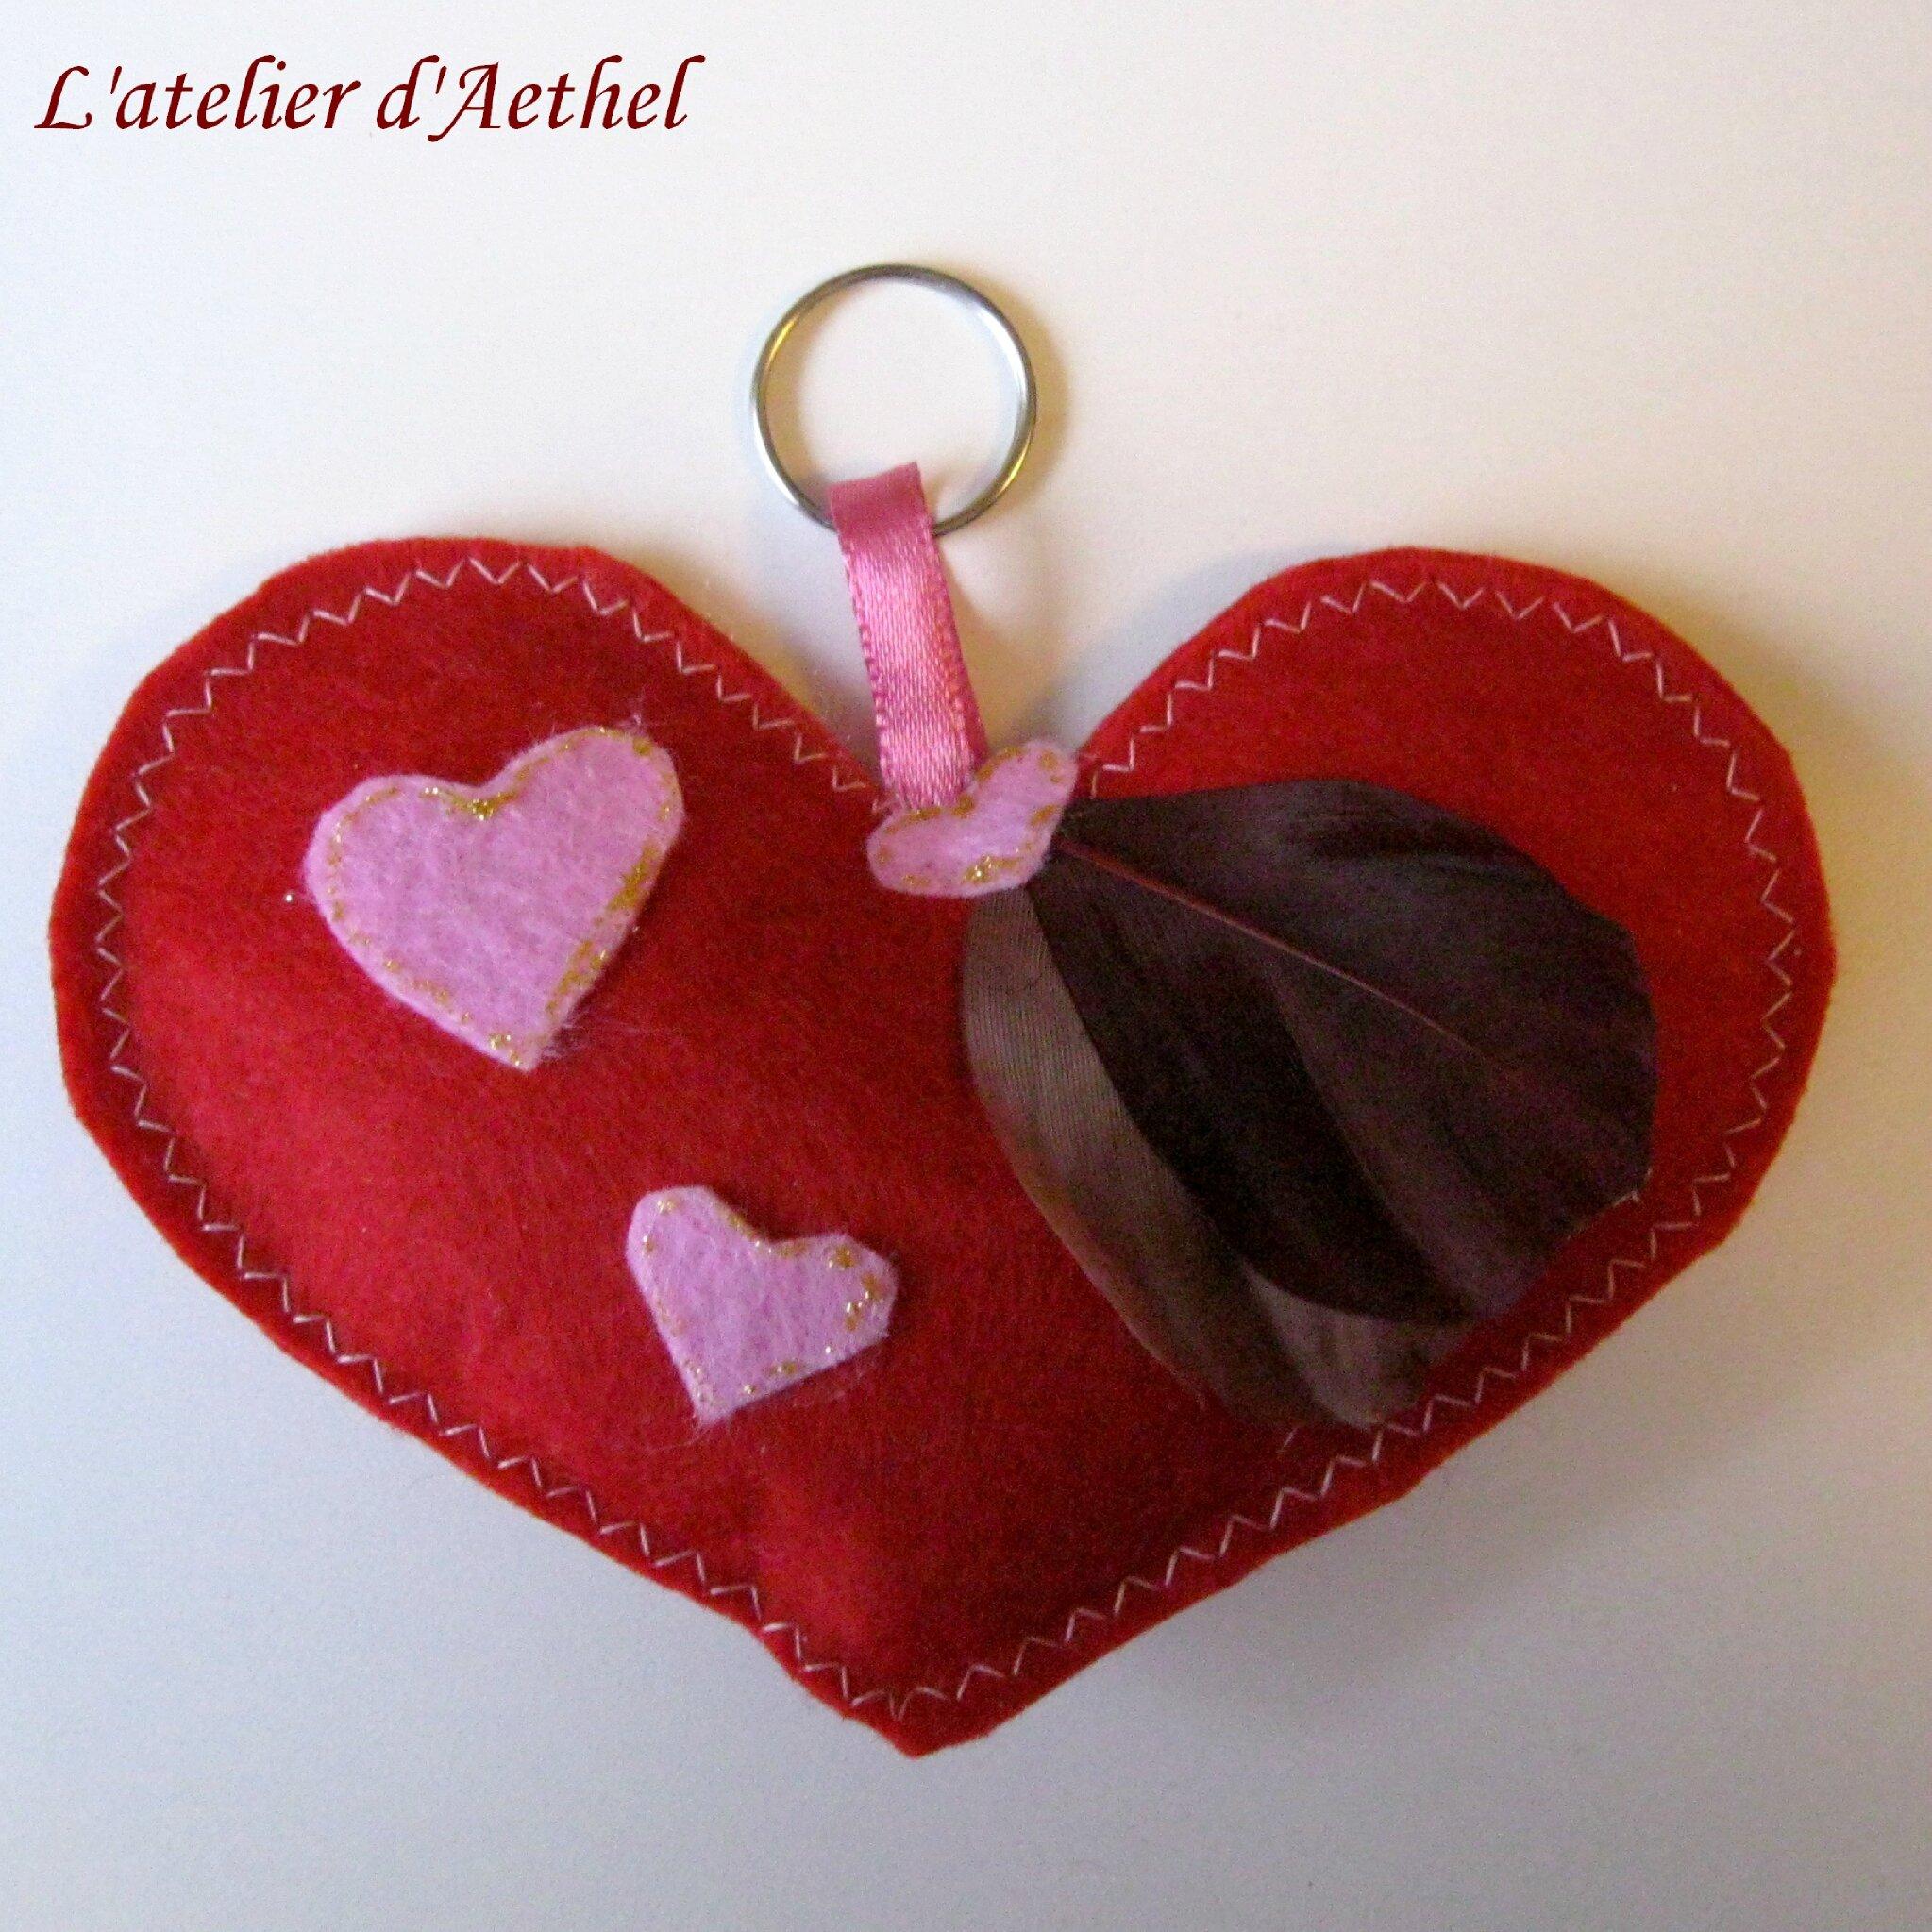 Coffret saint valentin rouge : porte-clef, bourse avec petits bons et carte personnalisée